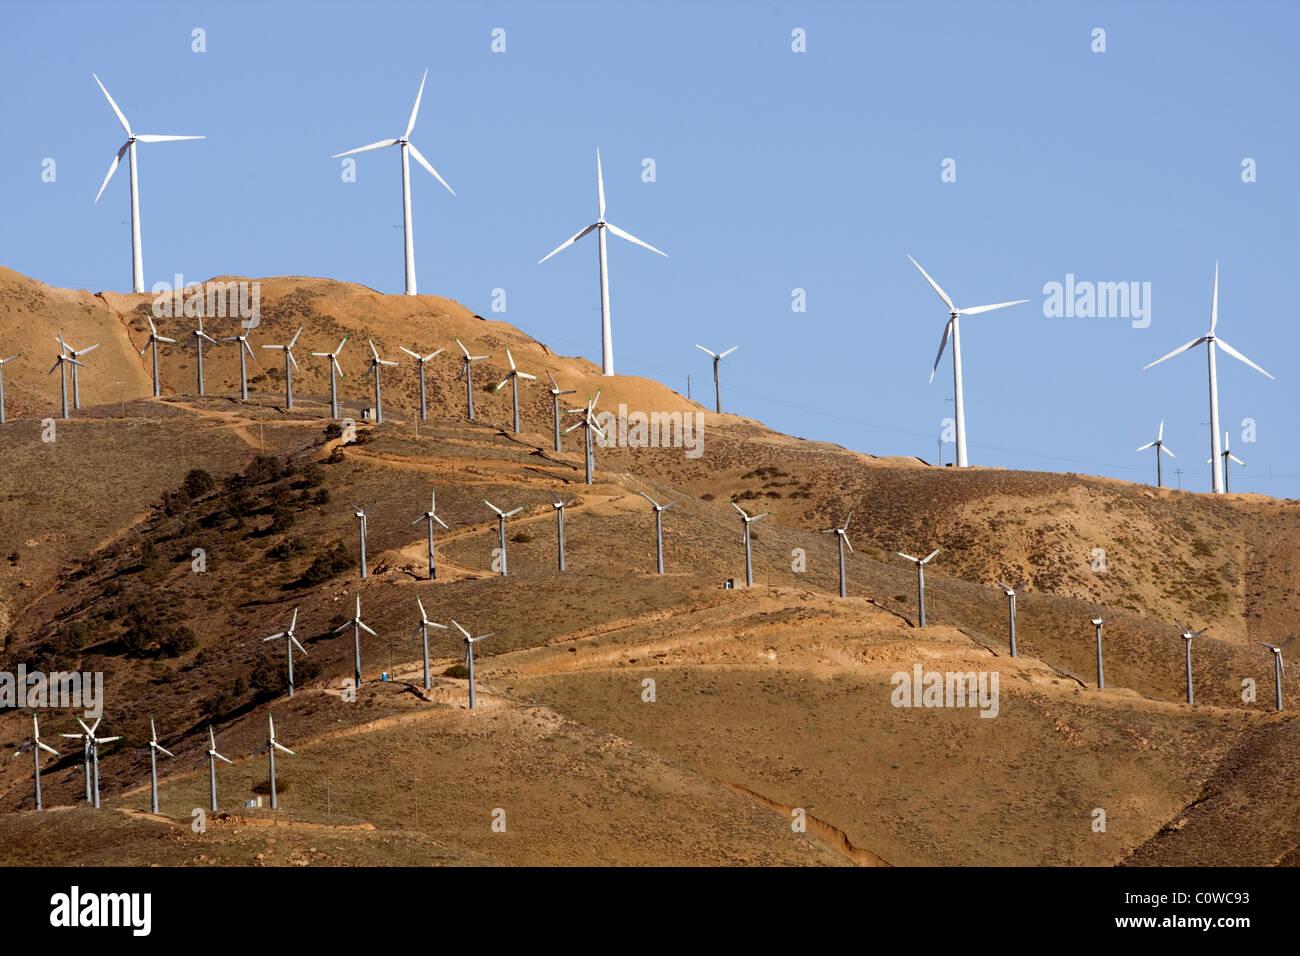 Wind Turbine Farm - westlichen Rand der Mojave-Wüste, California. Stockbild